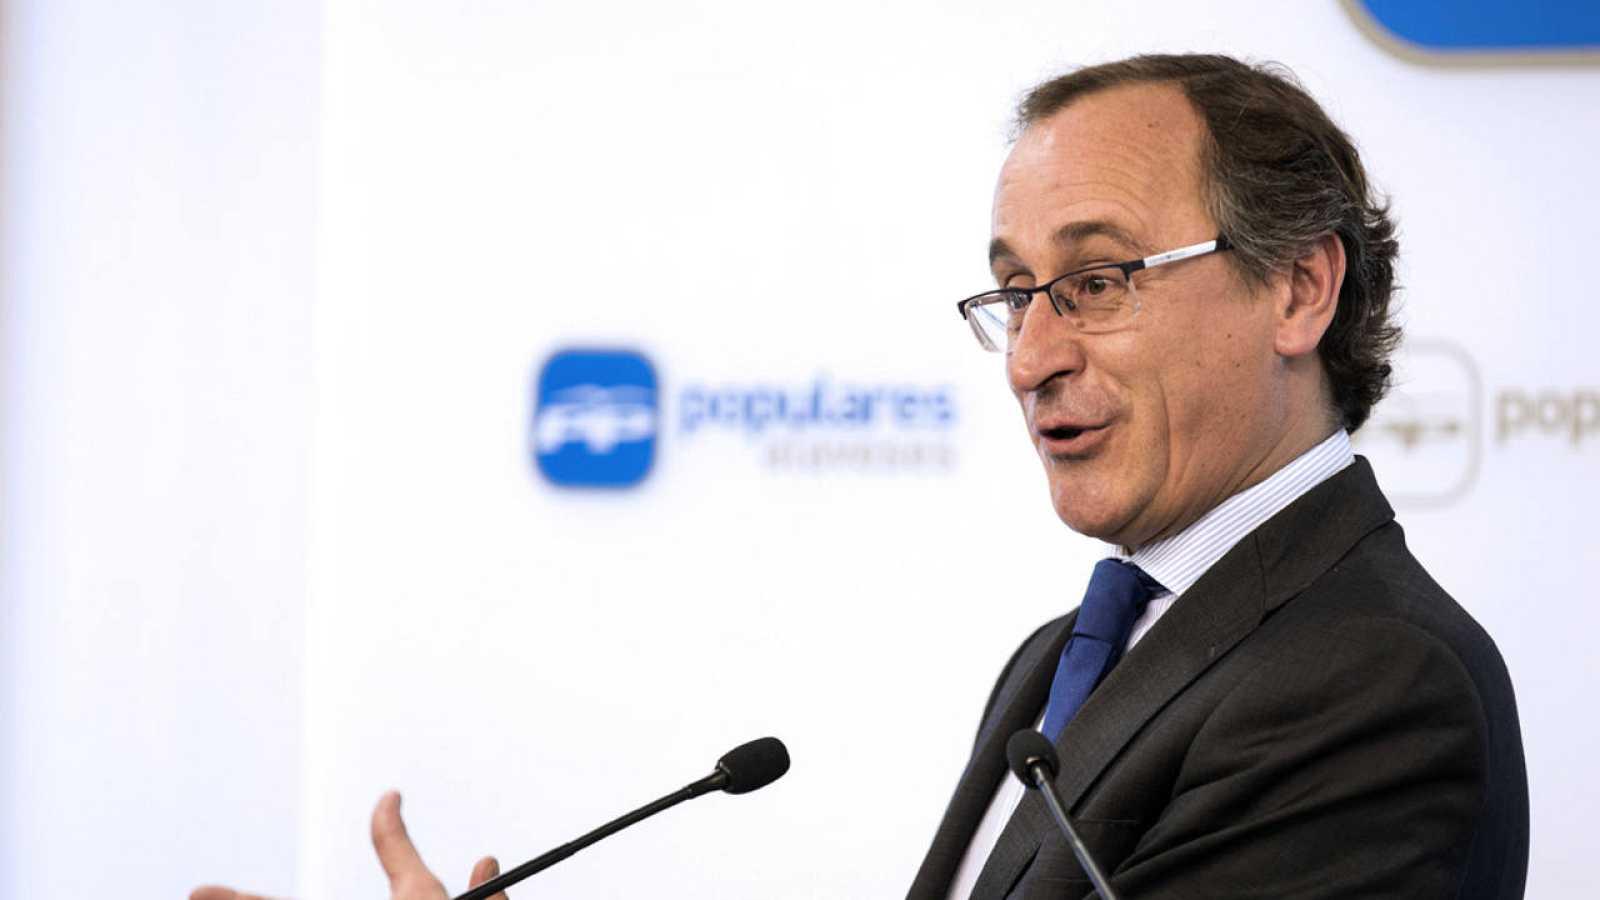 Alfonso Alonso, en la rueda de prensa donde anunció su candidatura a lehendakari en las elecciones del 25 de septiembre.